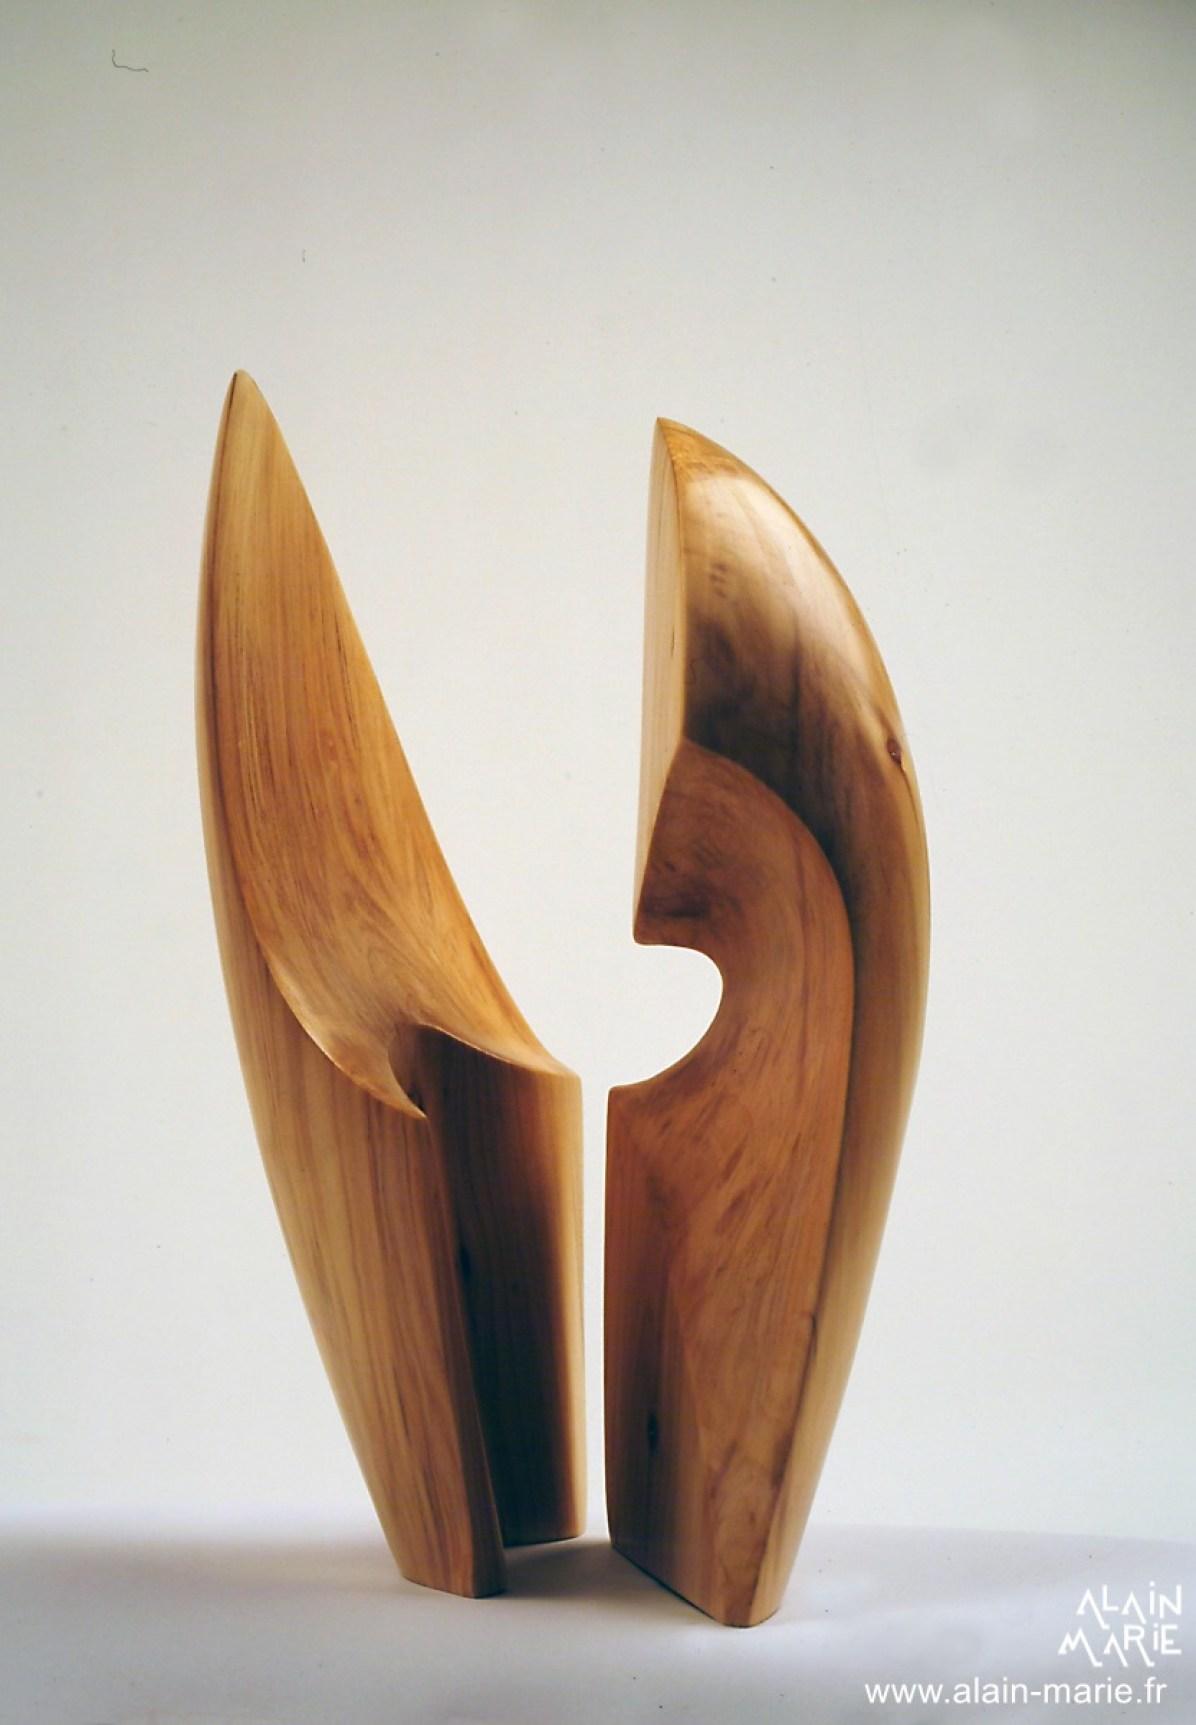 Peau d'âme, peulpier d'Italie, h.30 cm